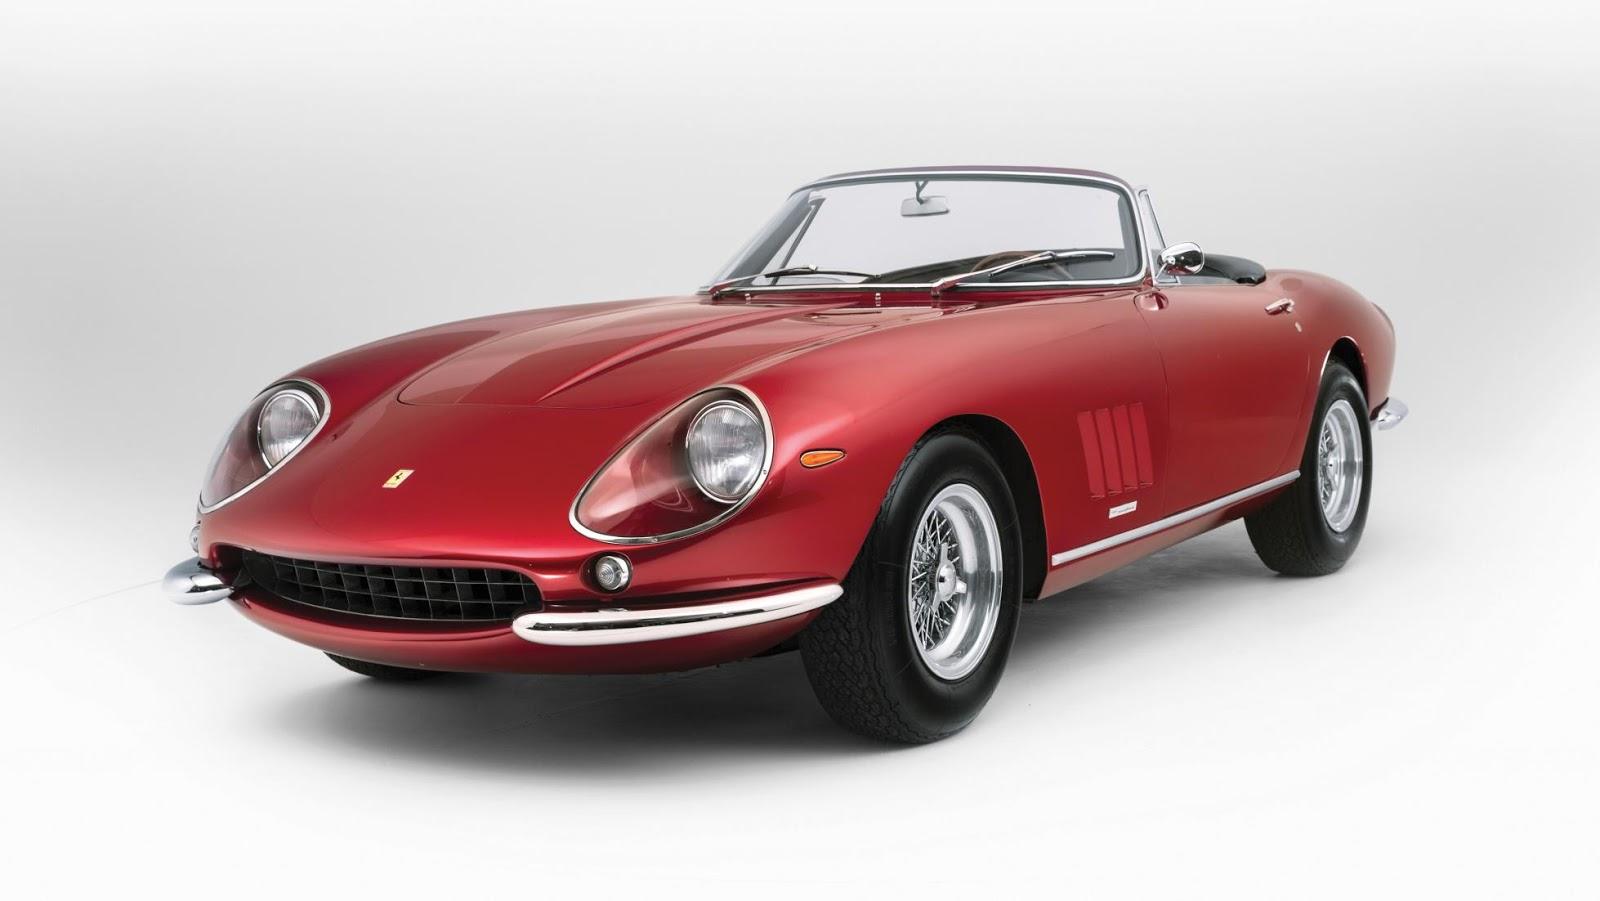 Ferrari 275 Spider Nart - Dòng xe huyền thoại của Ferrari đã không được bán đấu giá thành công đợt này